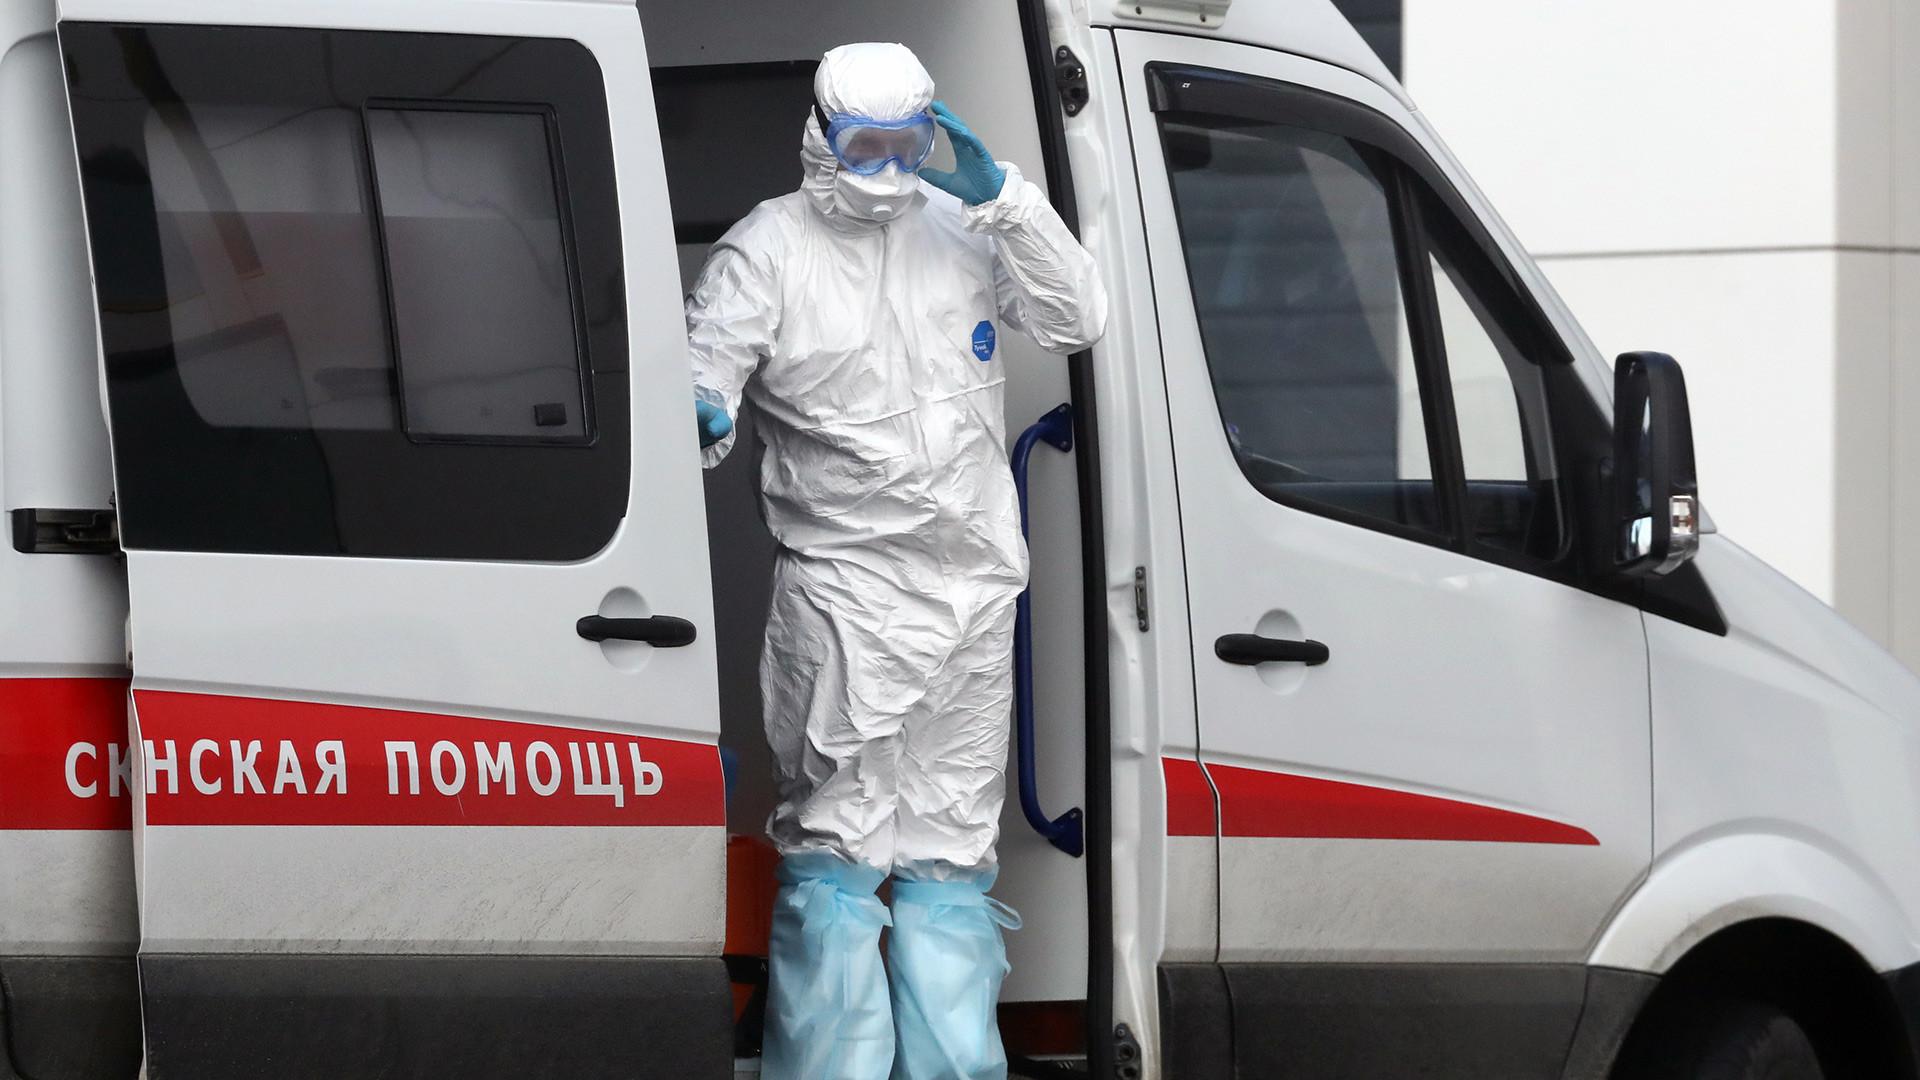 Sebuah ambulans di Moskovskaya oblast.